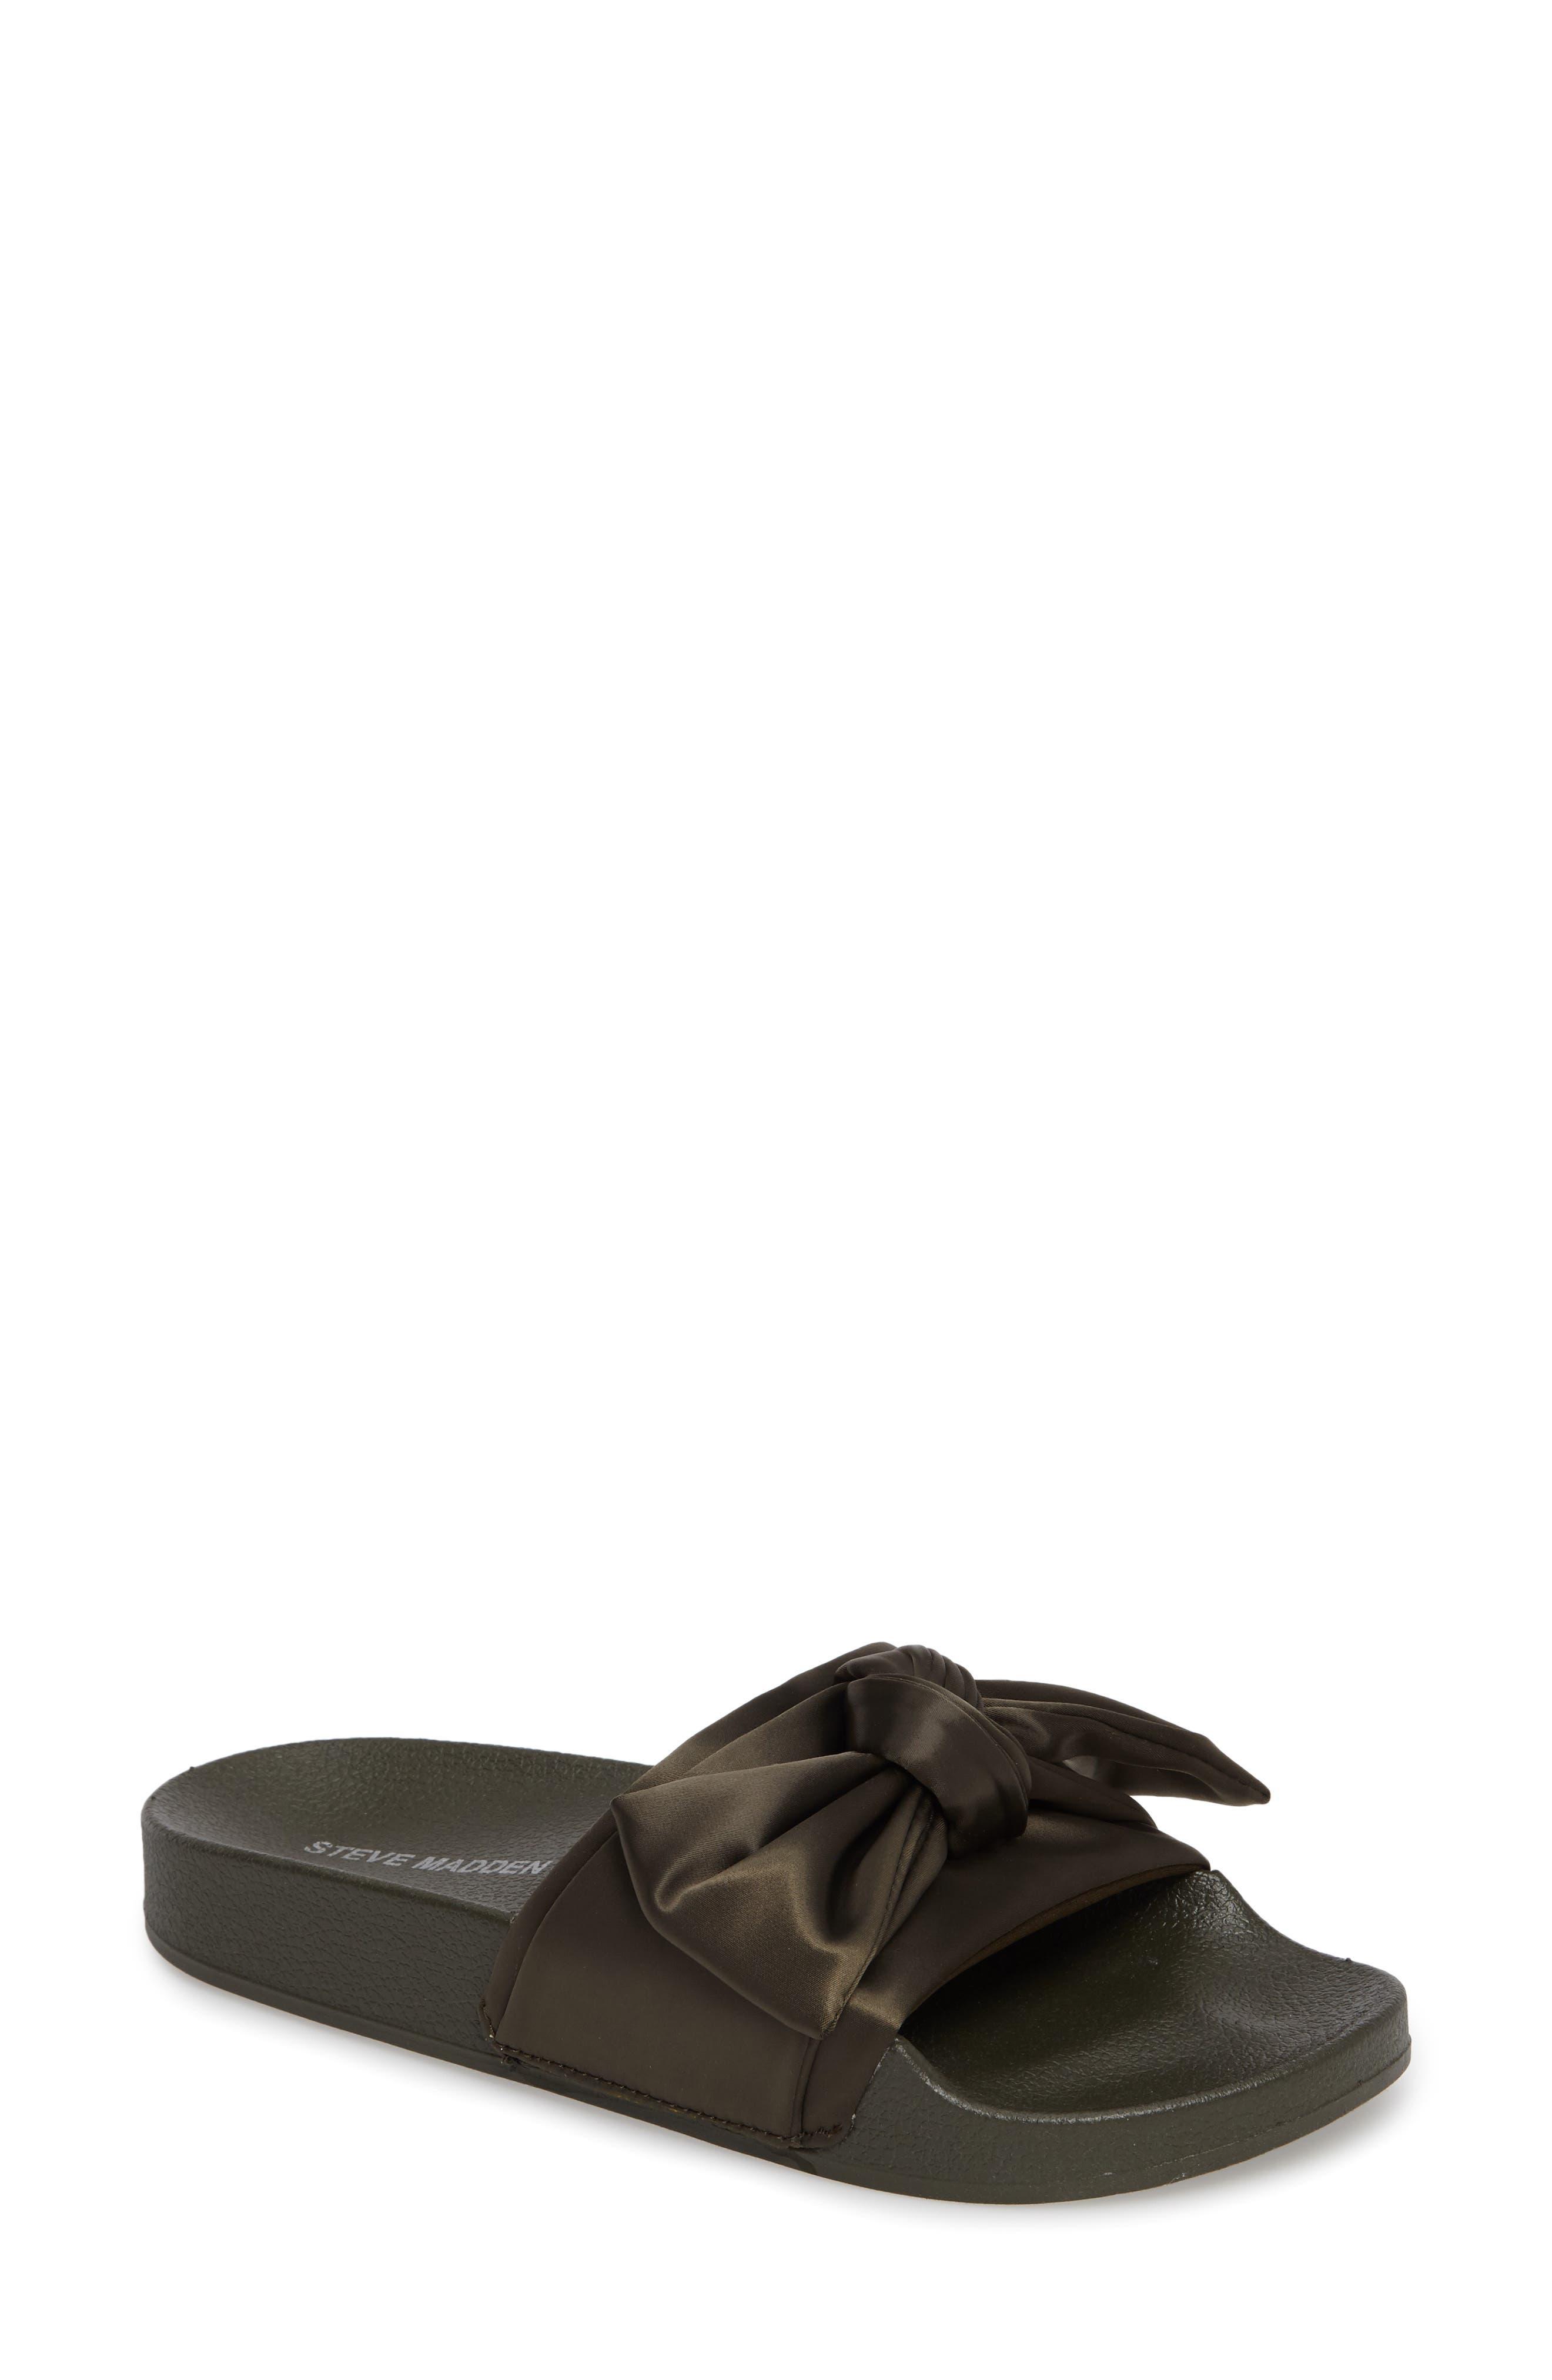 STEVE MADDEN Silky Slide Sandal